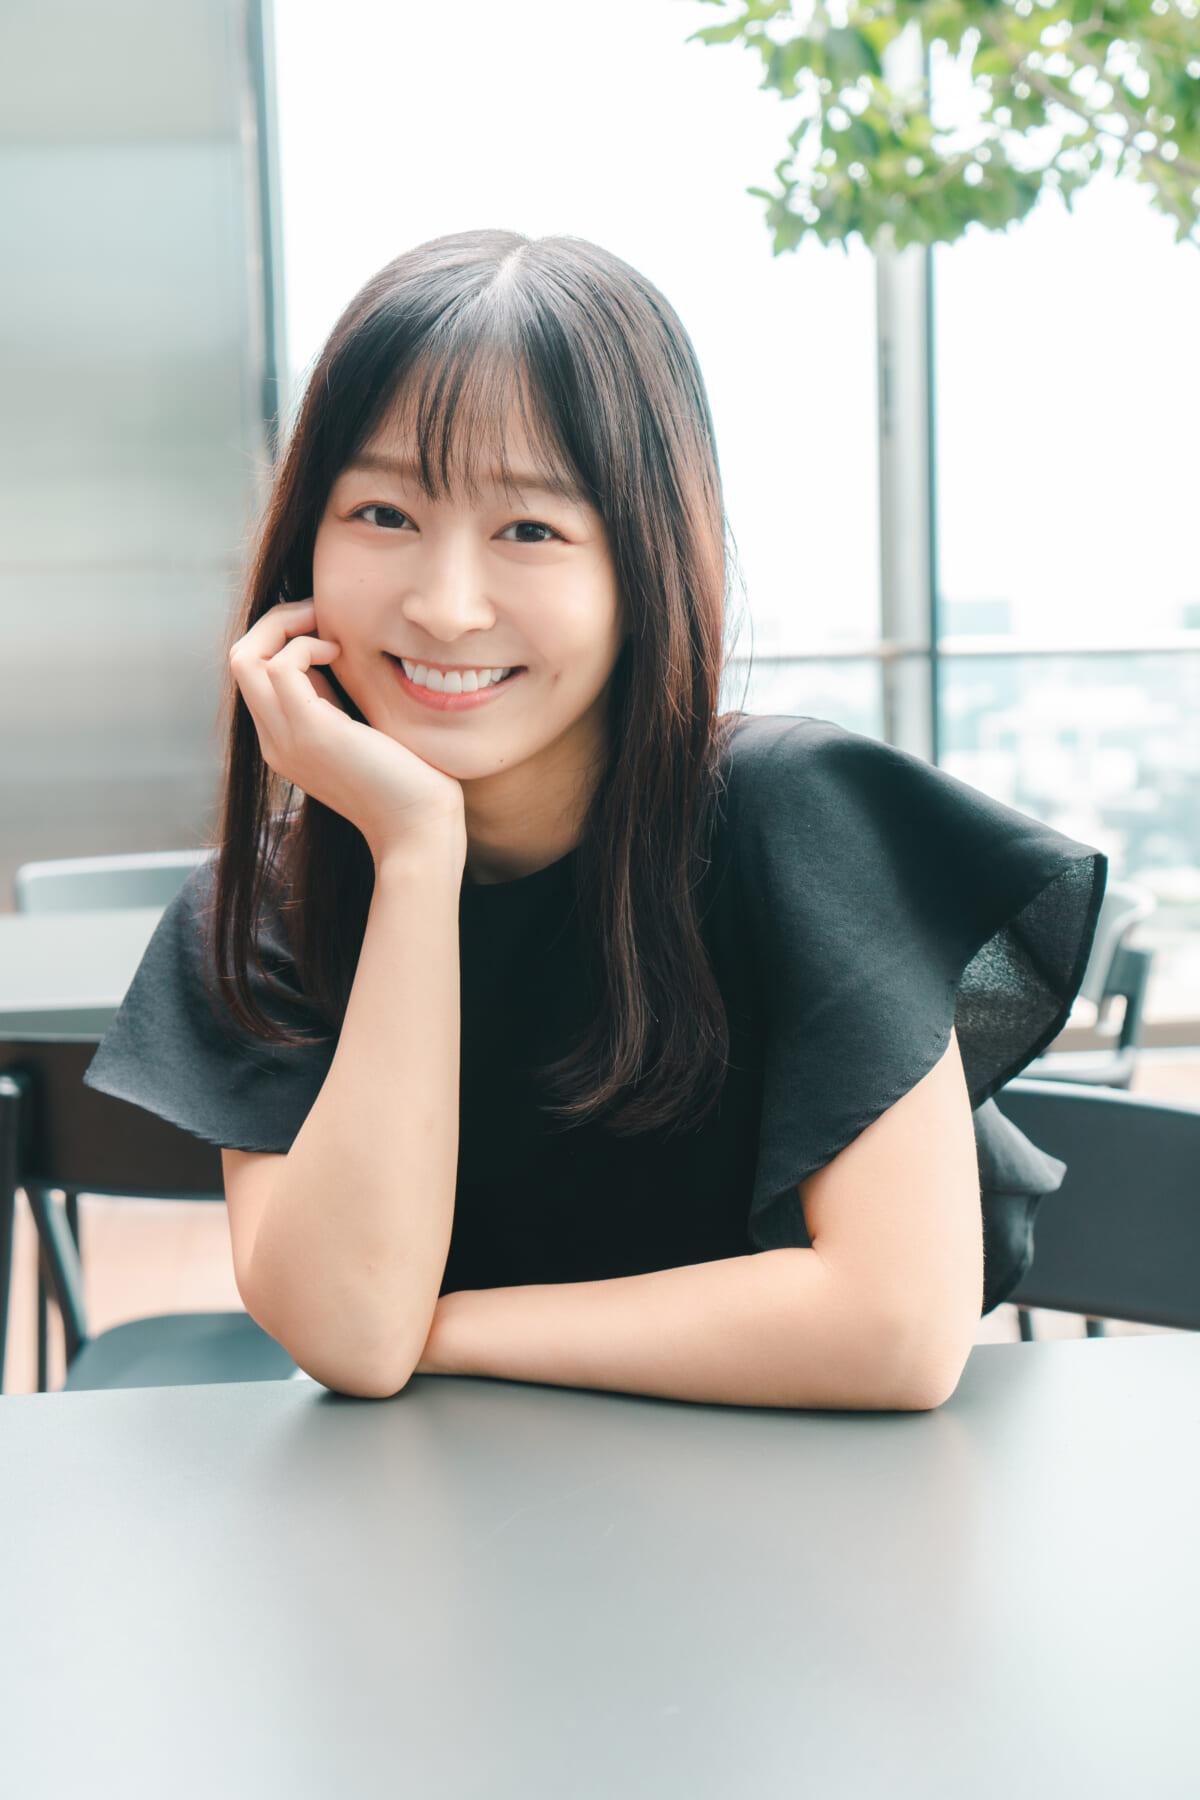 太田奈緒インタビュー